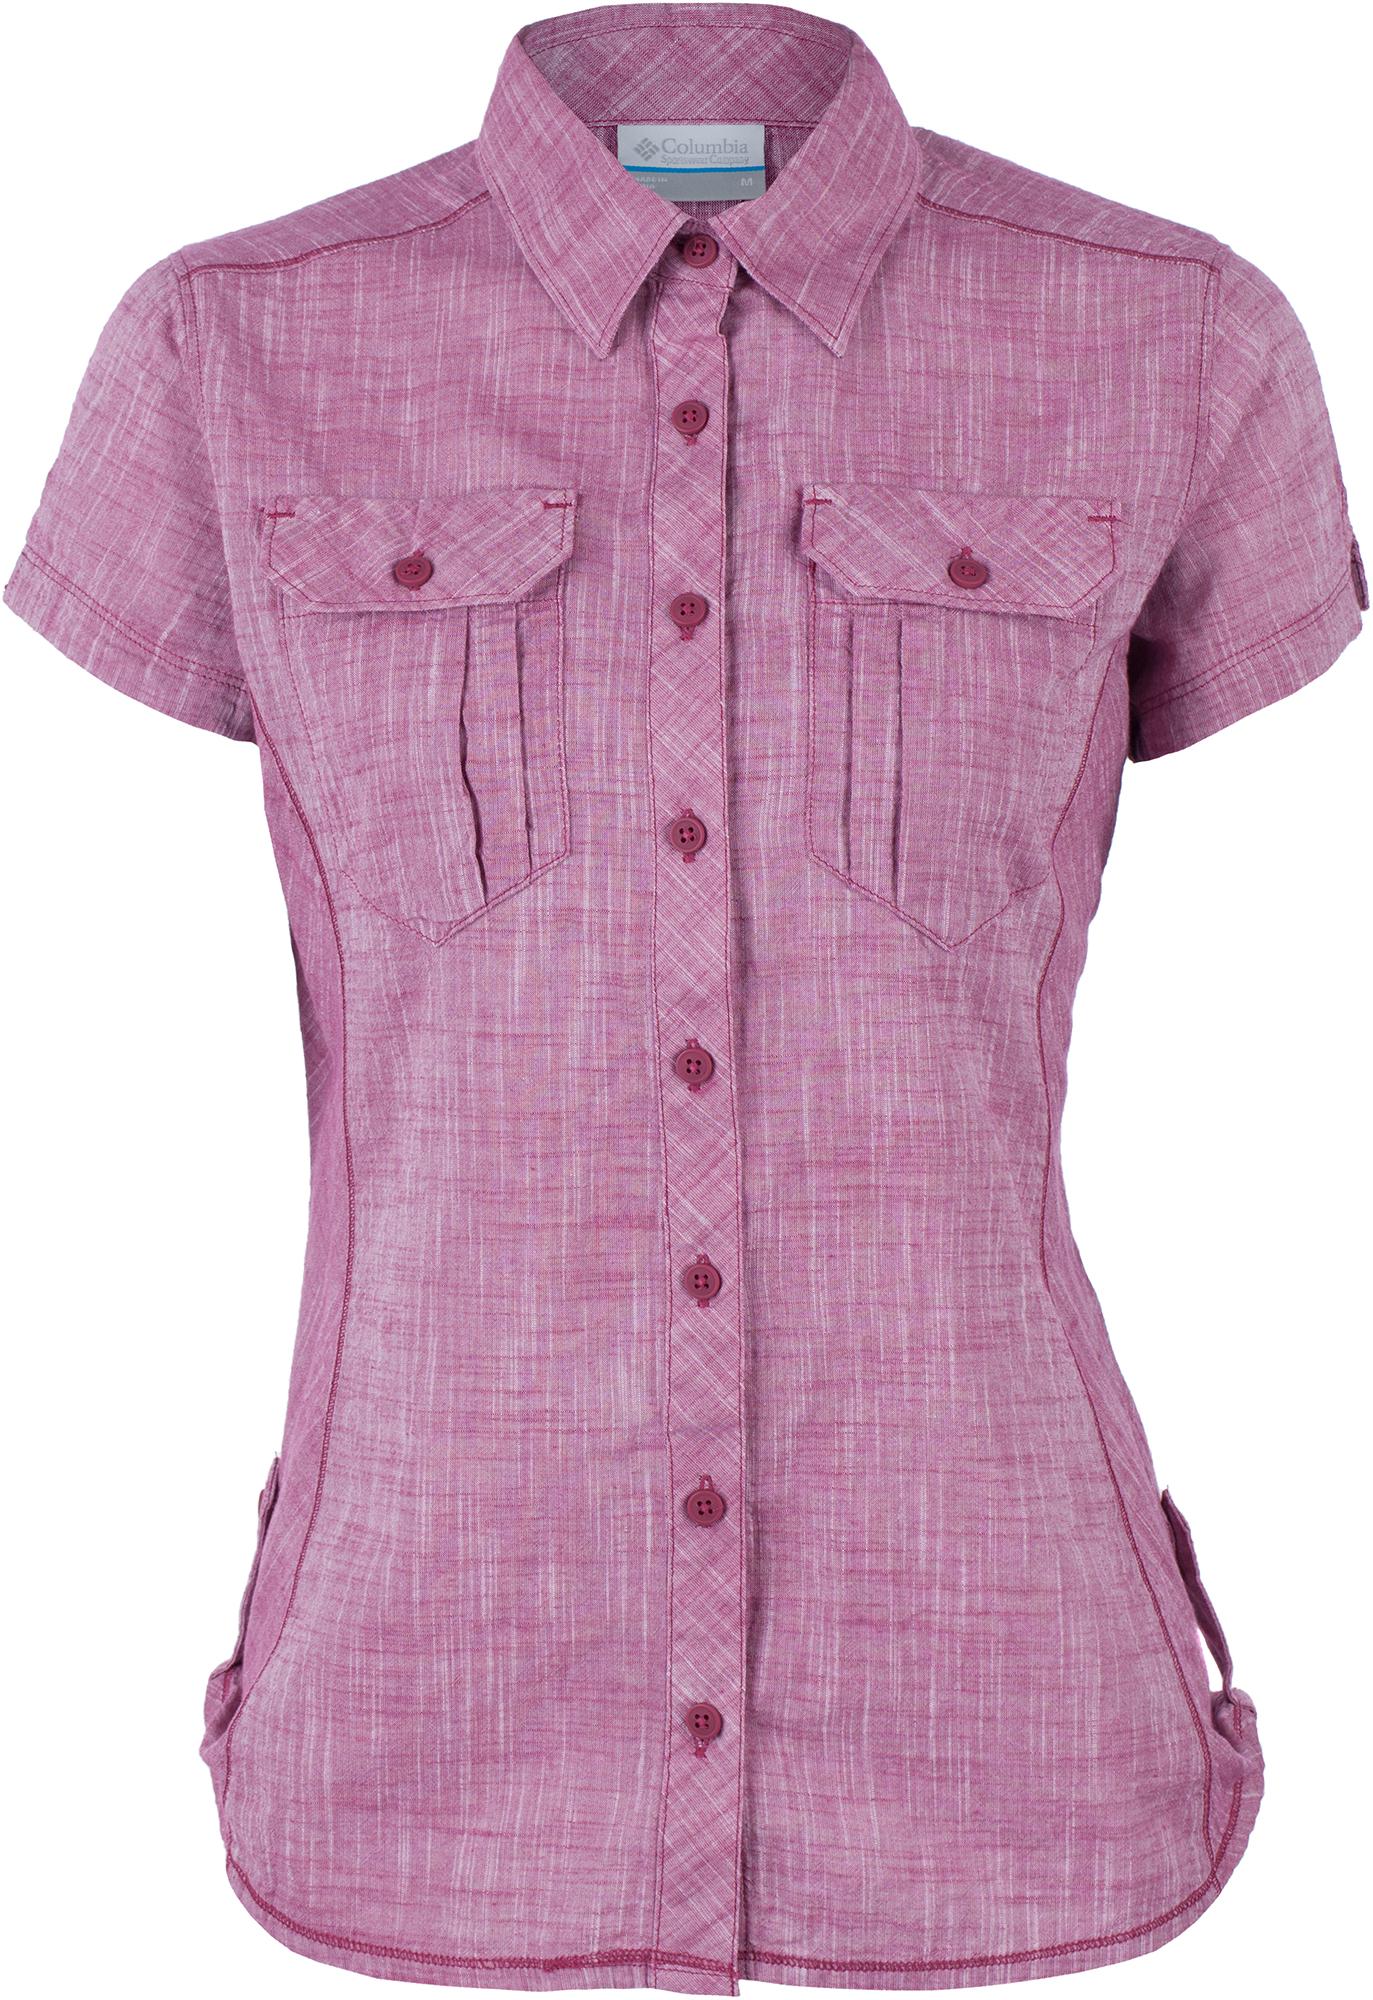 Columbia Рубашка женская Columbia Camp Henry, размер 52-54